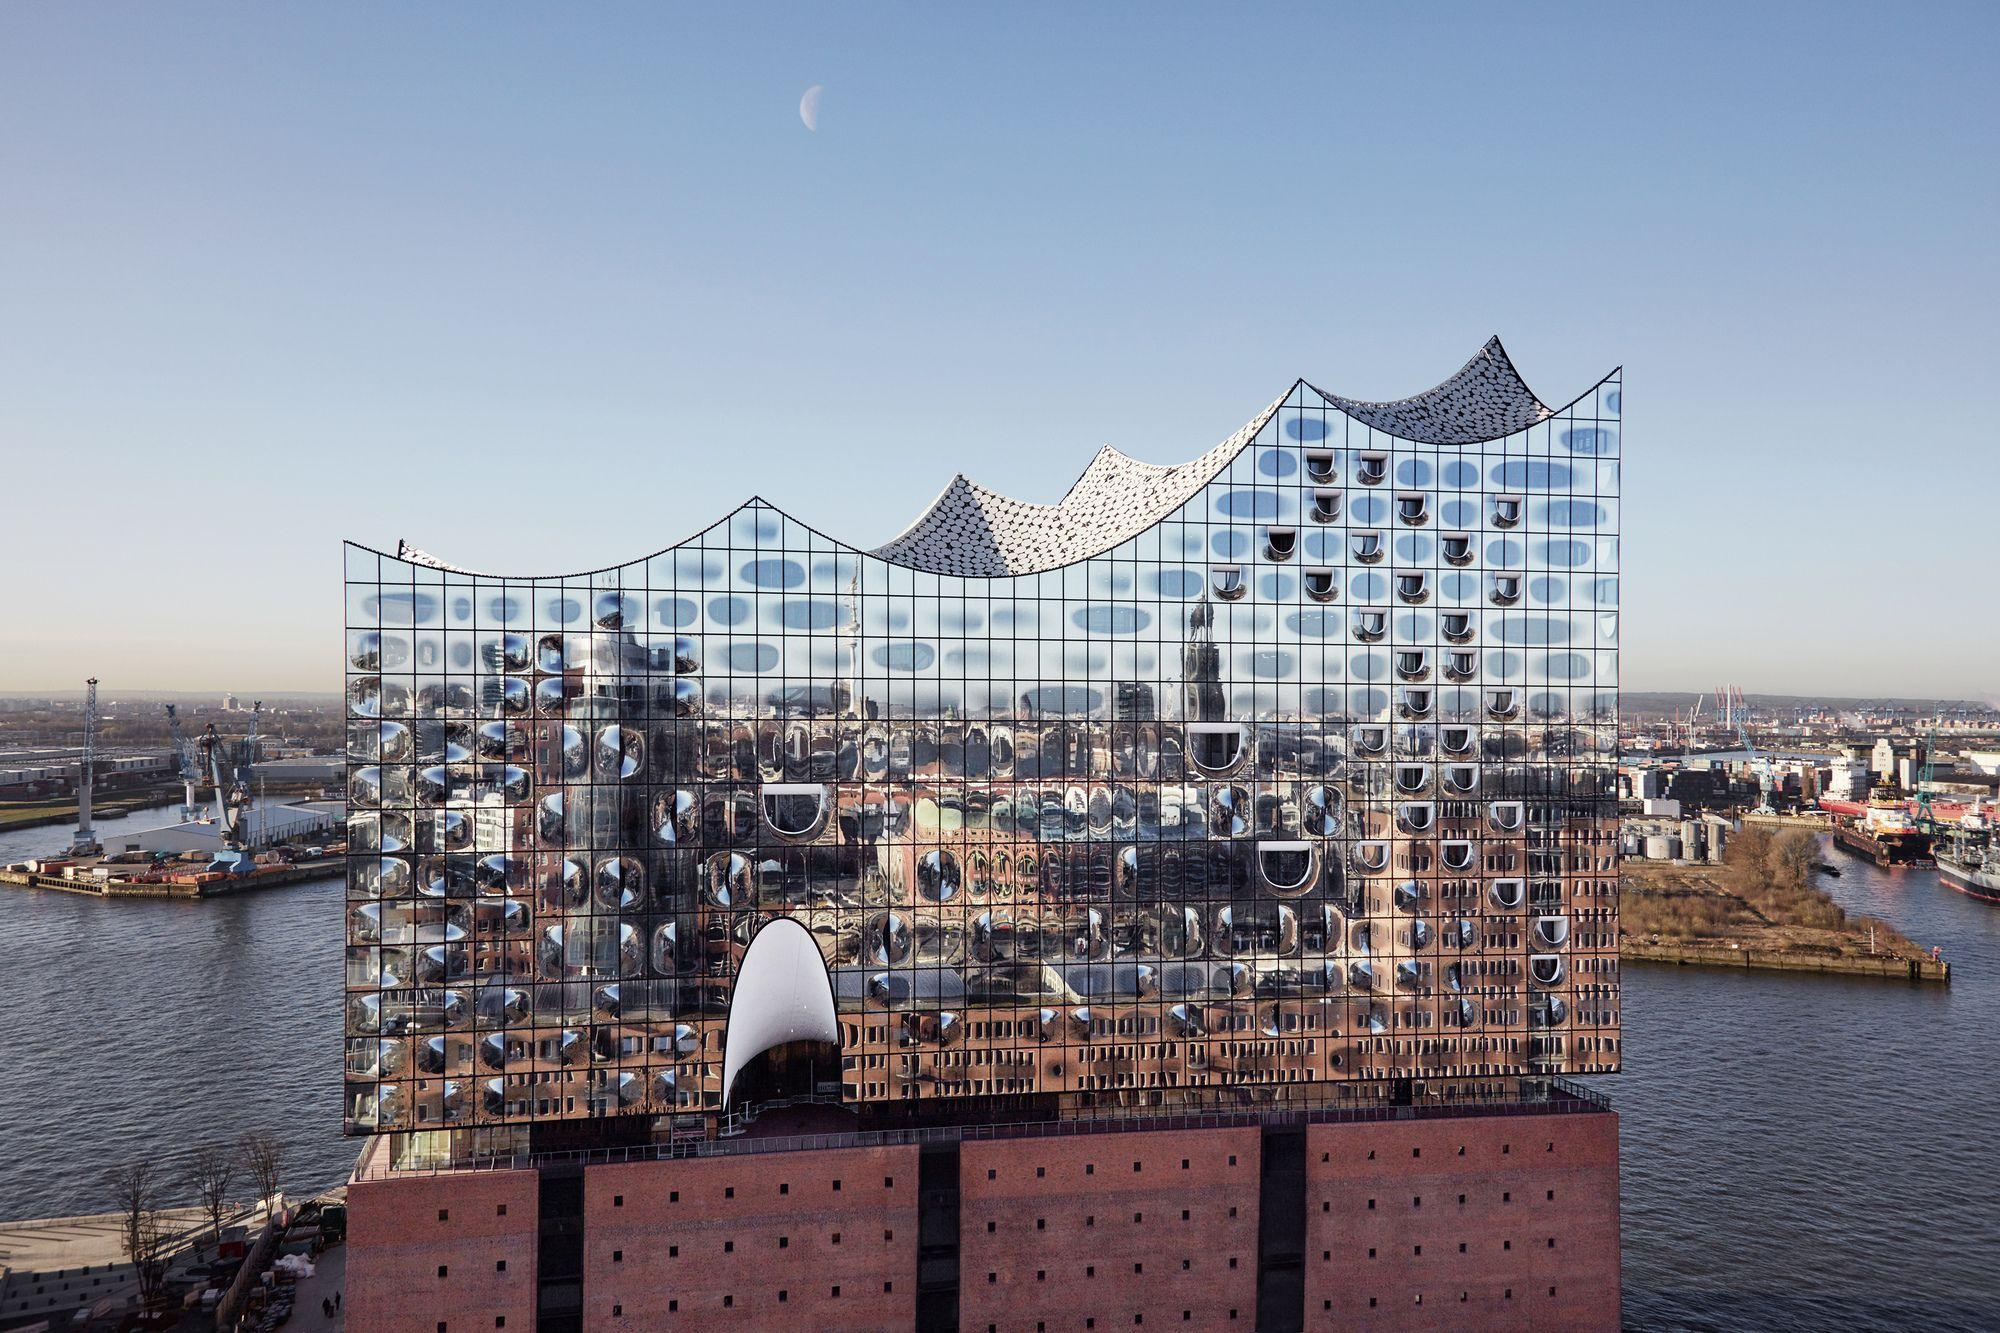 Herzog-de-Meuron-.-Elbphilharmonie-.-Hamburg-4.jpg (2000×1333)